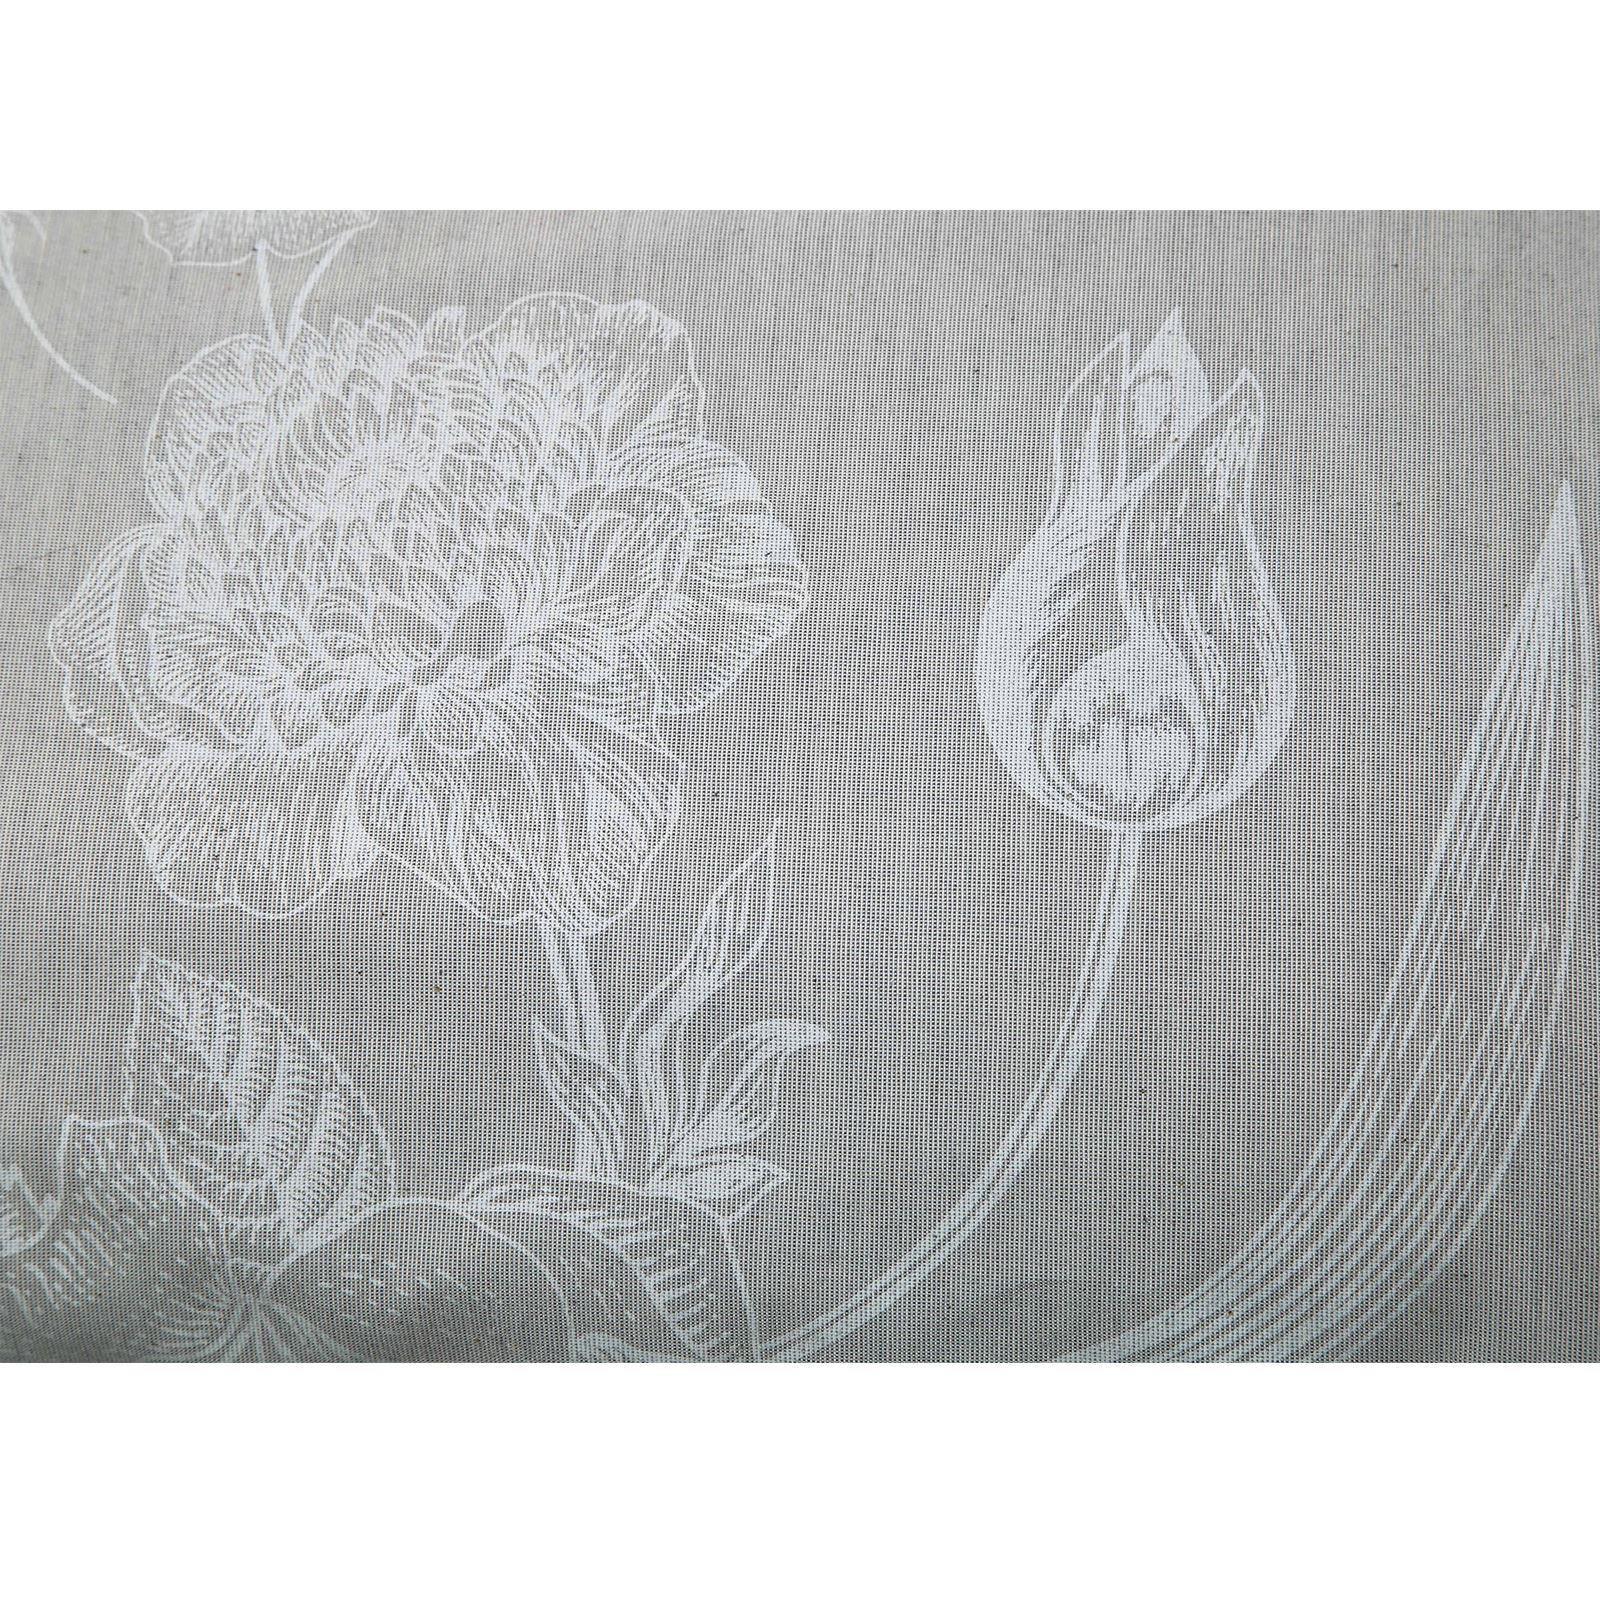 Funda-De-Edredon-Edredon-Juego-De-Cama-Individual-Doble-King-Size-Con-Estampado-Floral-fil-a-fil miniatura 11